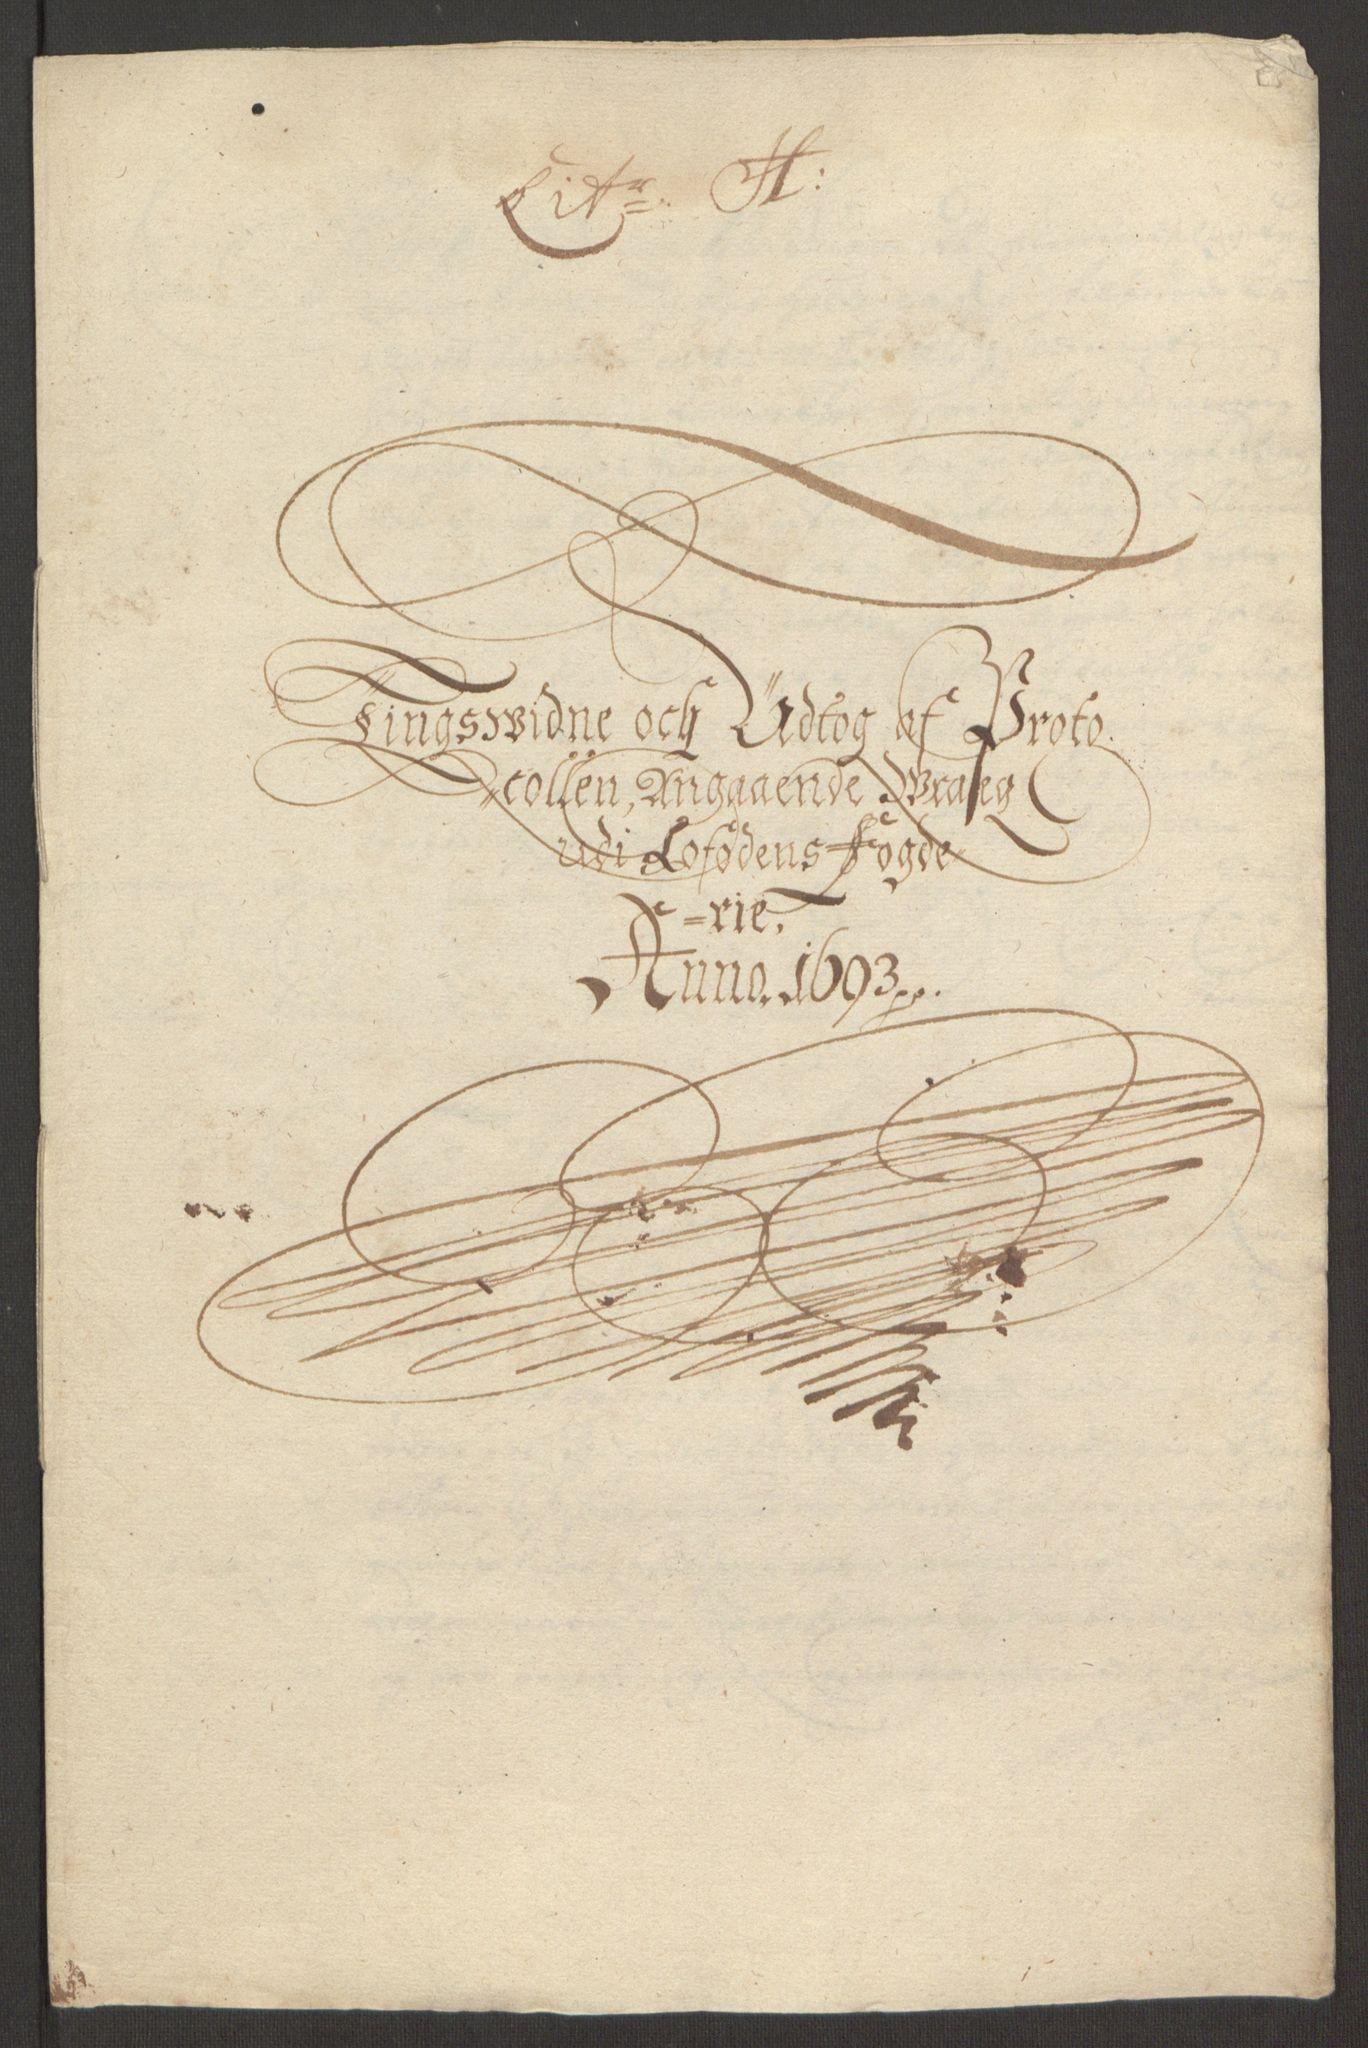 RA, Rentekammeret inntil 1814, Reviderte regnskaper, Fogderegnskap, R67/L4675: Fogderegnskap Vesterålen, Andenes og Lofoten, 1691-1693, s. 279